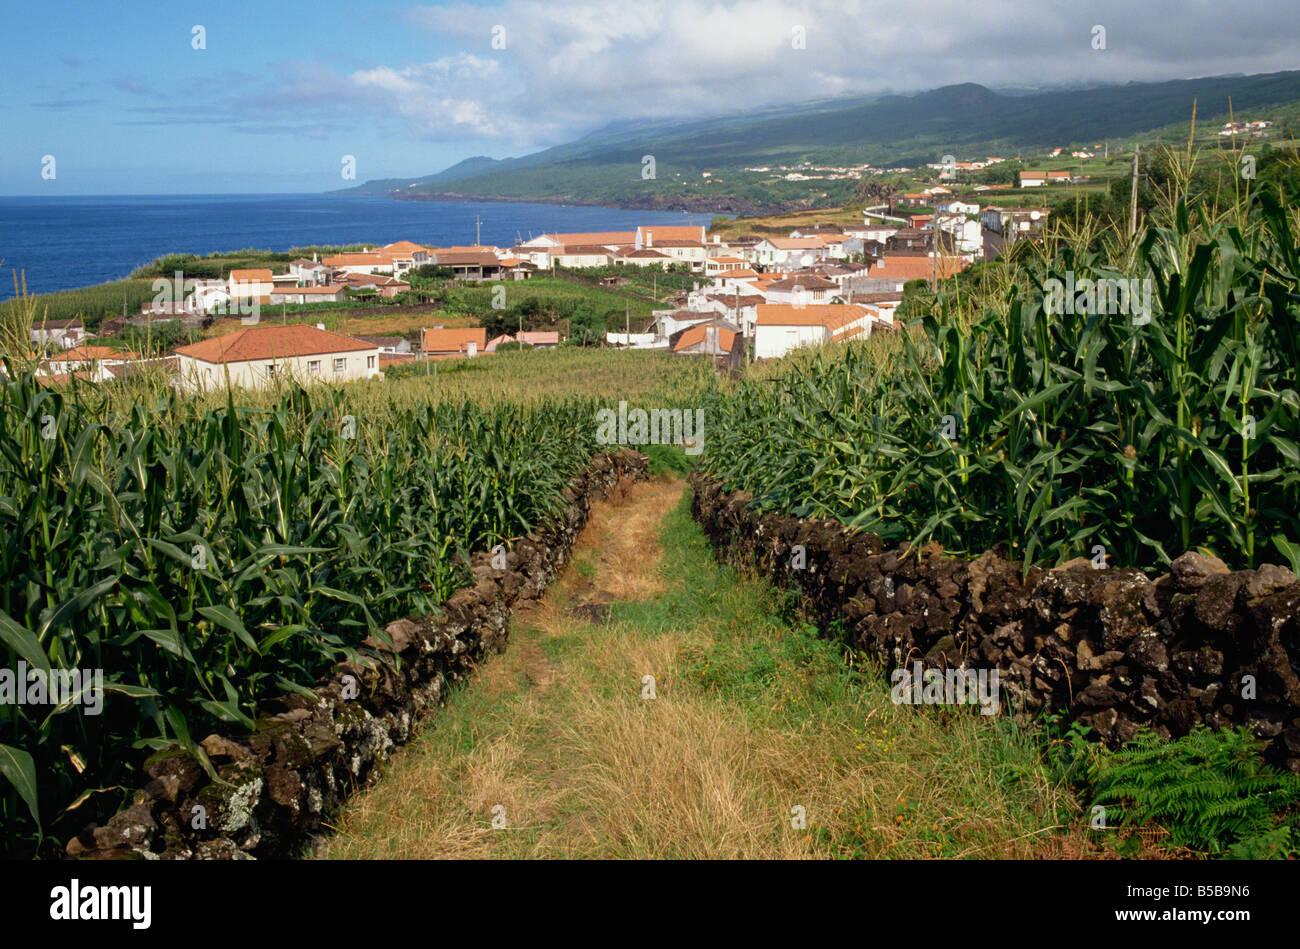 Des champs de maïs à Ribeira do Meio Pico Açores Portugal Europe de l'Atlantique Photo Stock